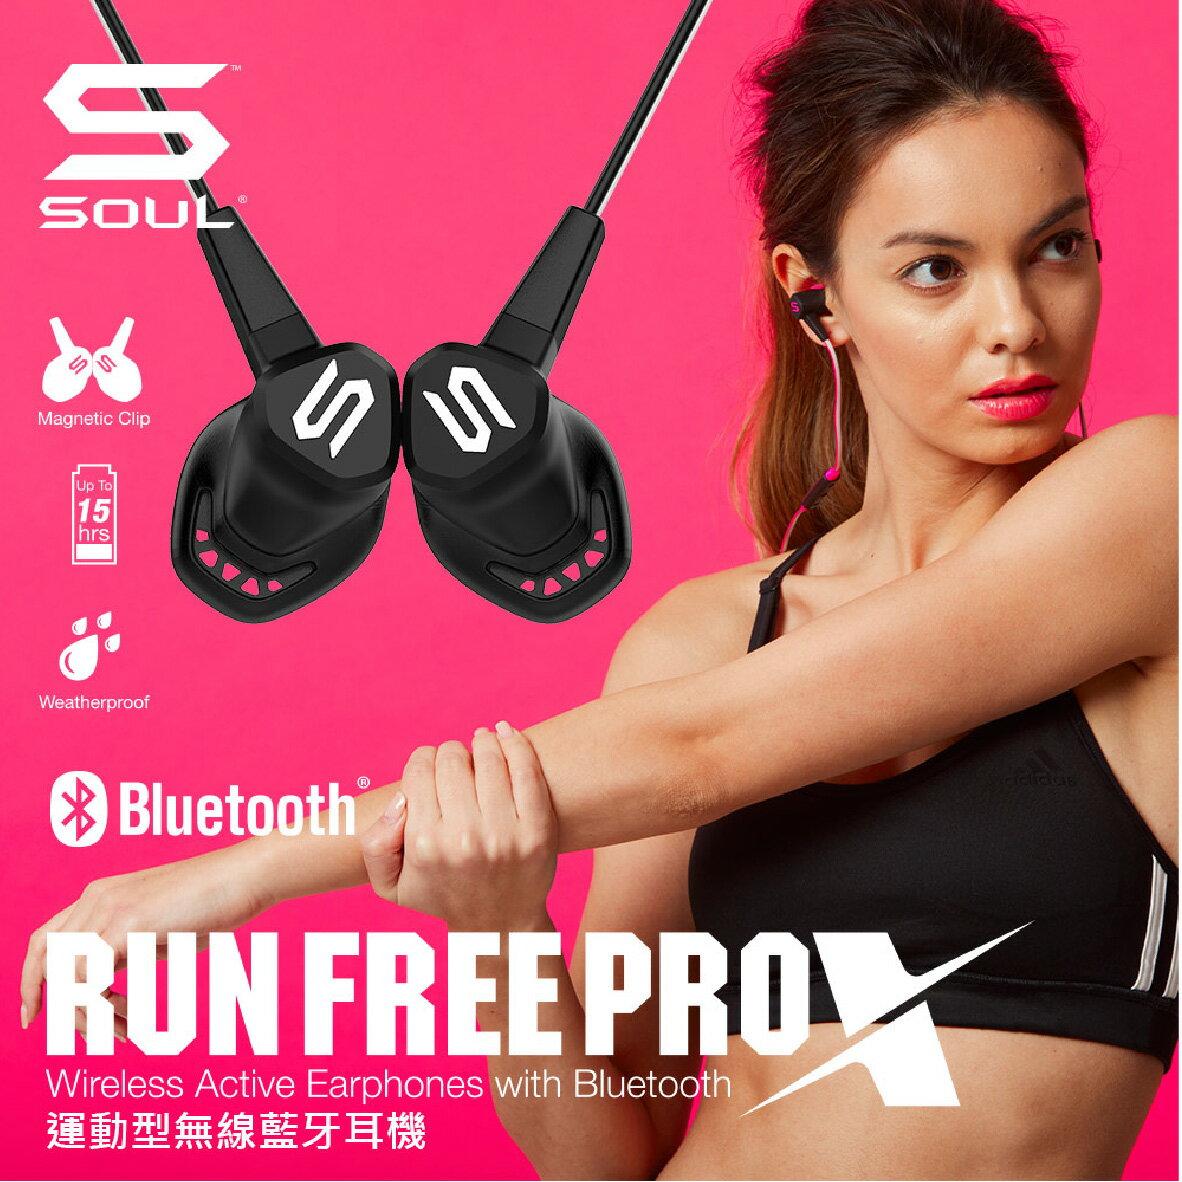 SOUL RUN FREE PRO X 運動型 防水 藍芽 耳機 金曲音響